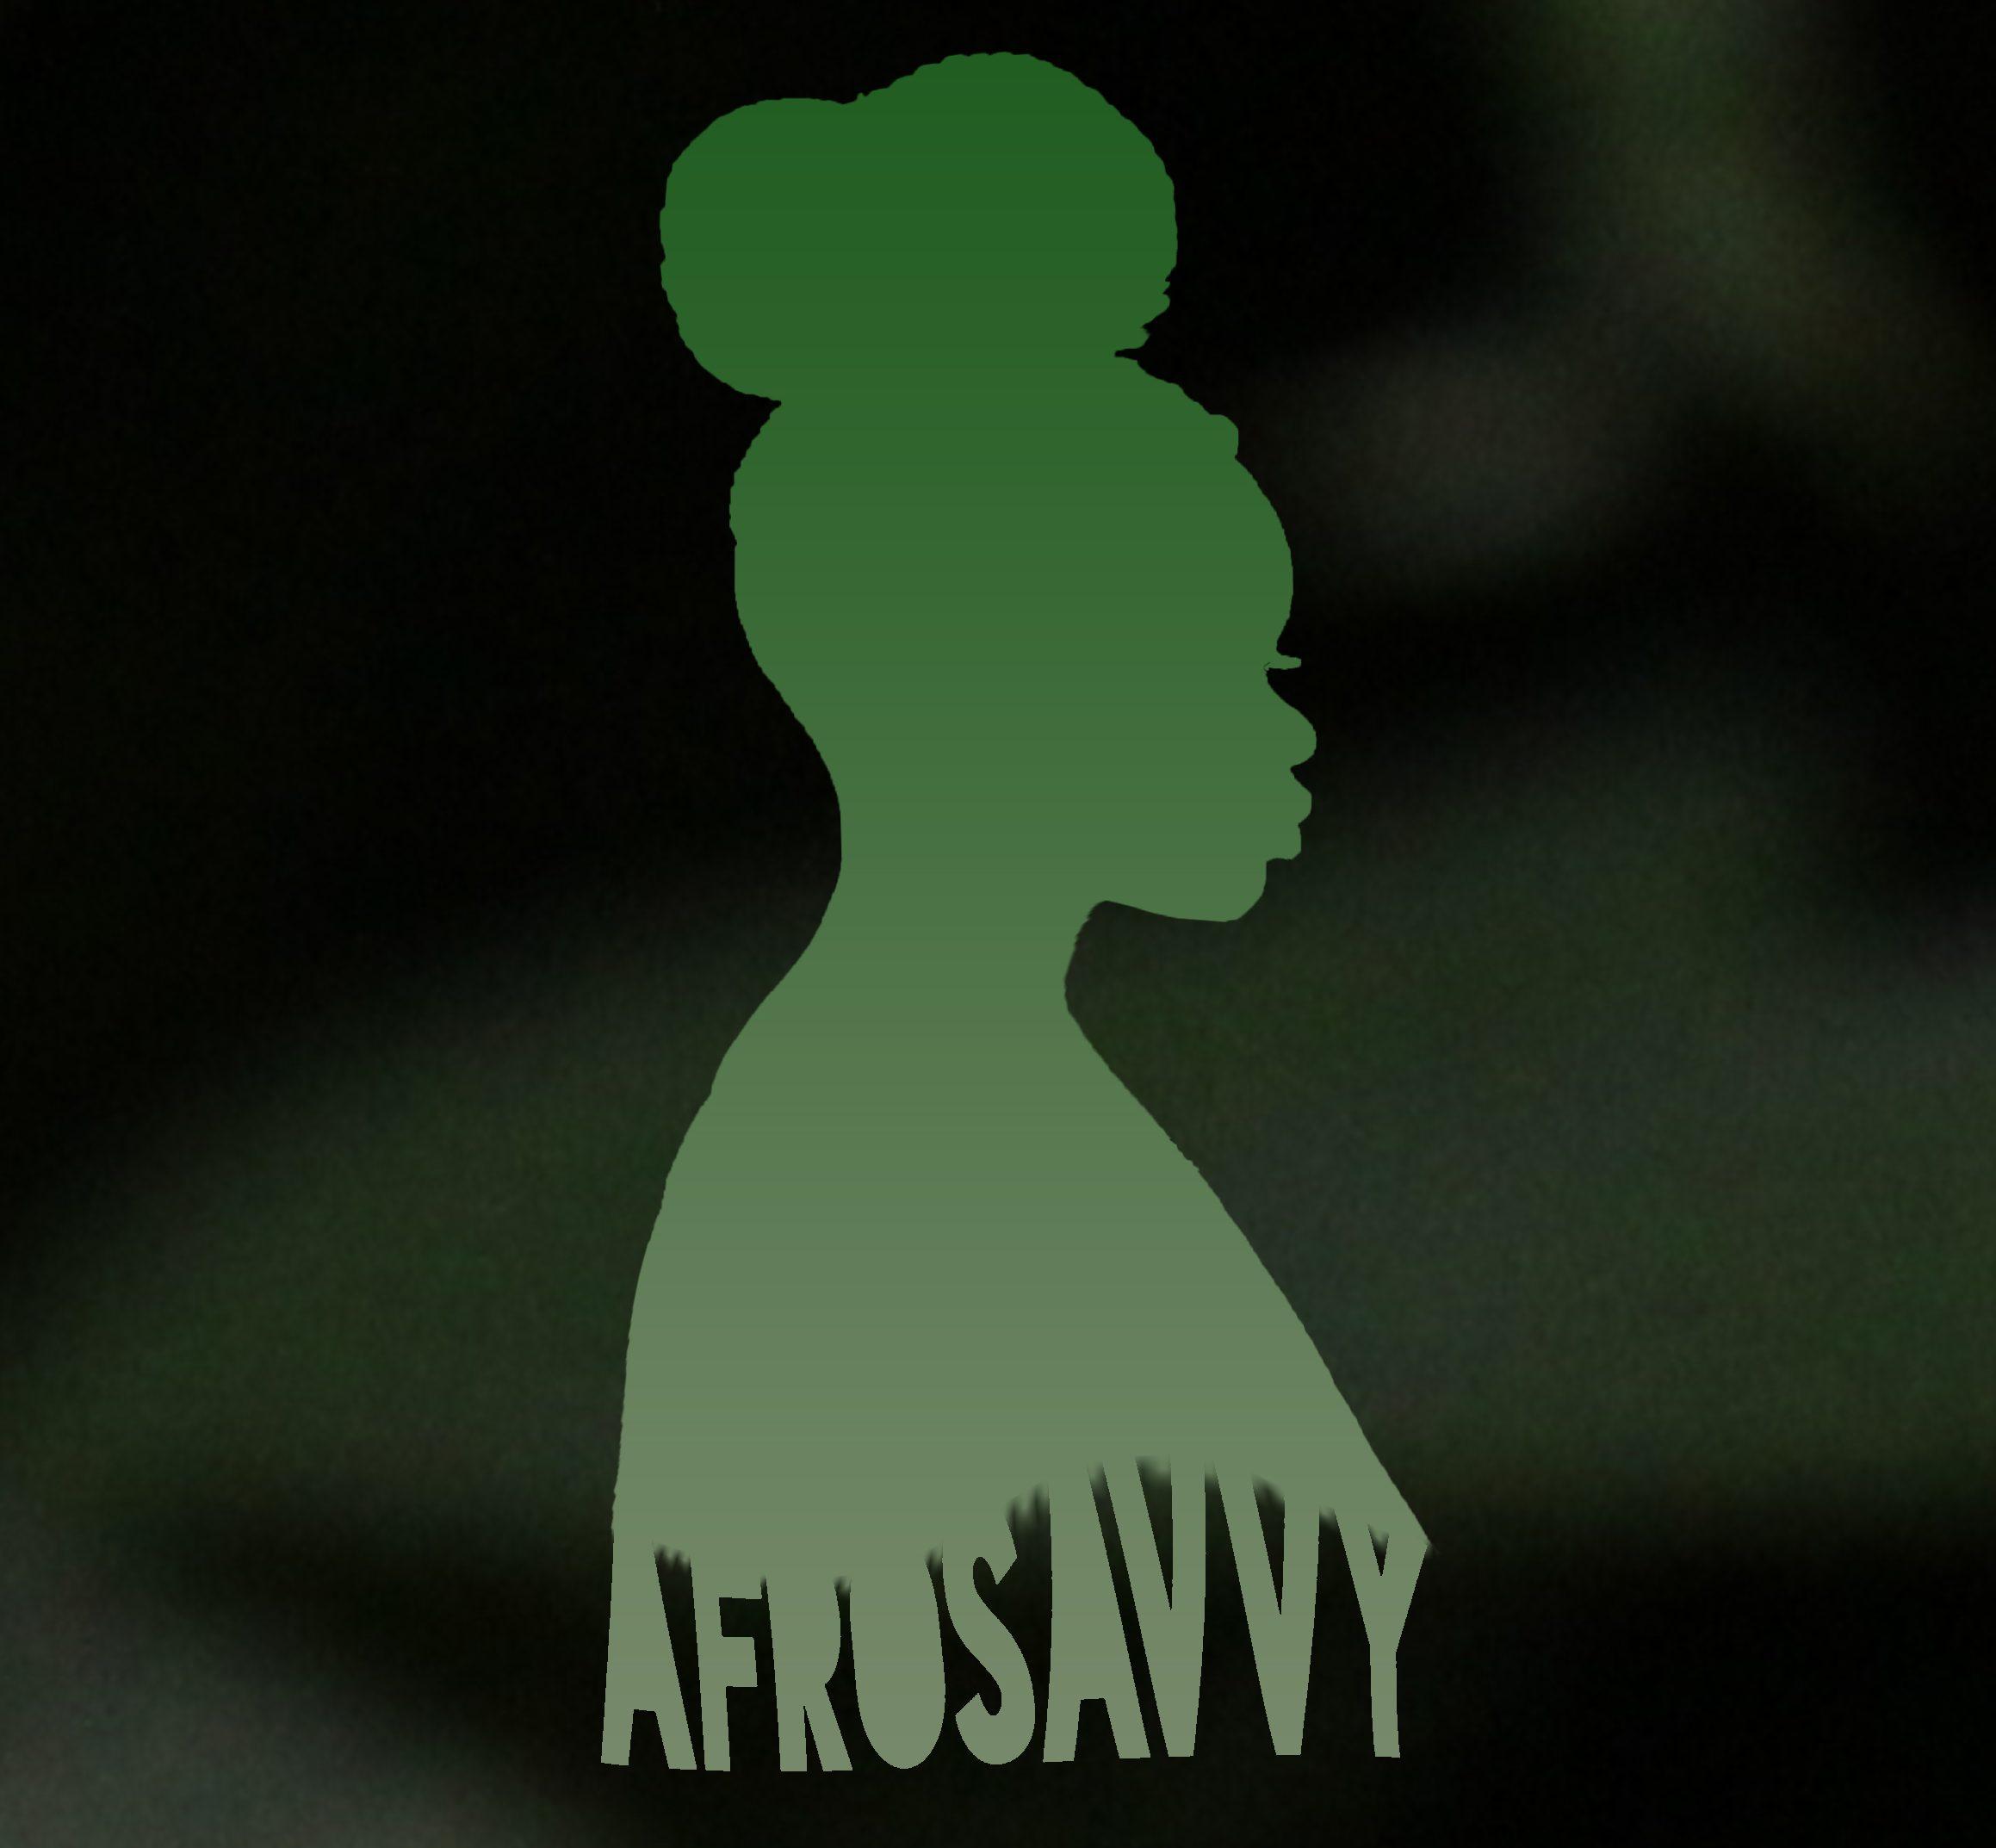 AfroSavvy